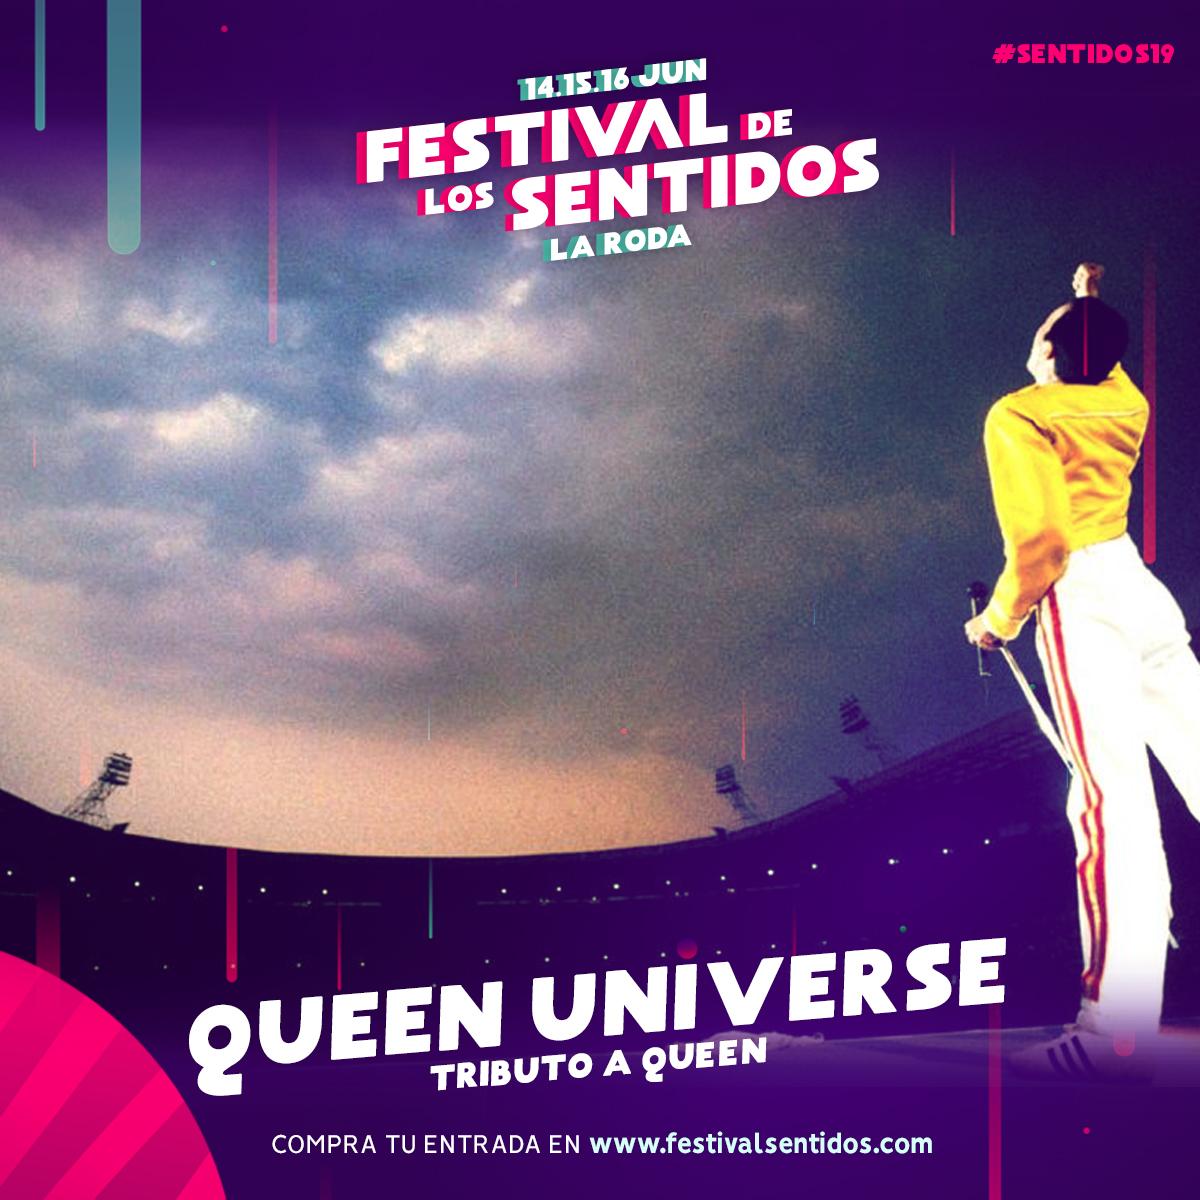 Tributo A Queen En #Sentidos19